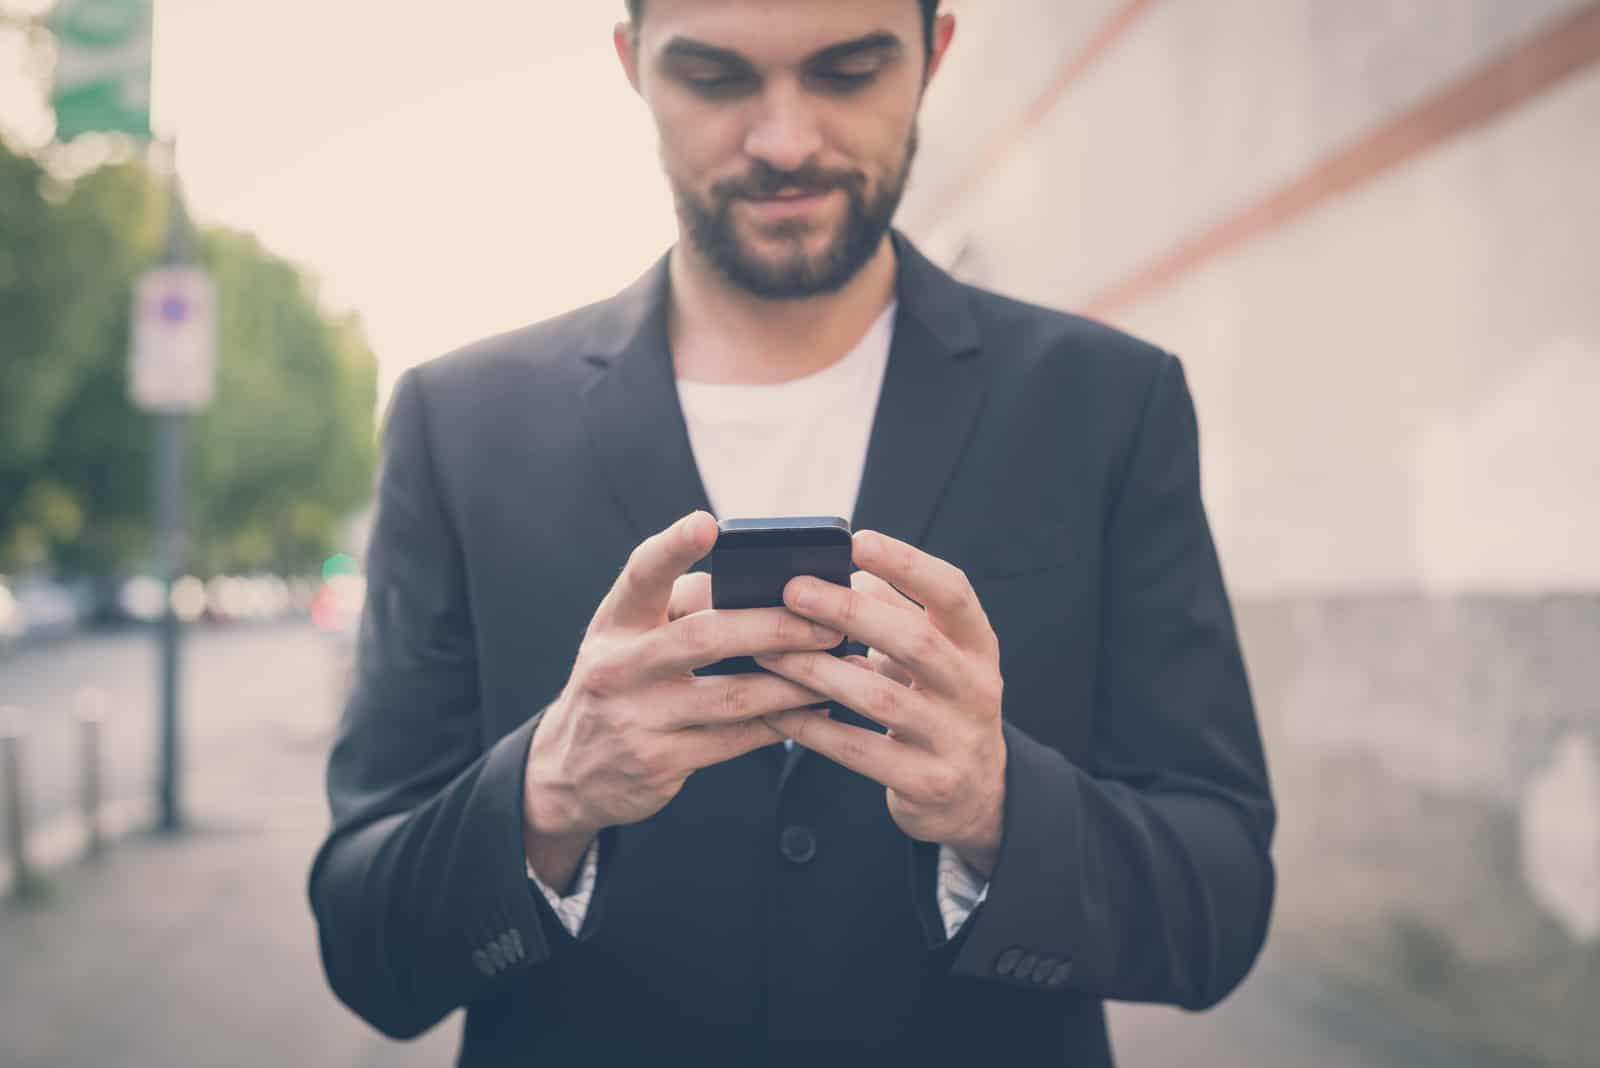 homme moderne hipster à aide de smartphone dans la ville